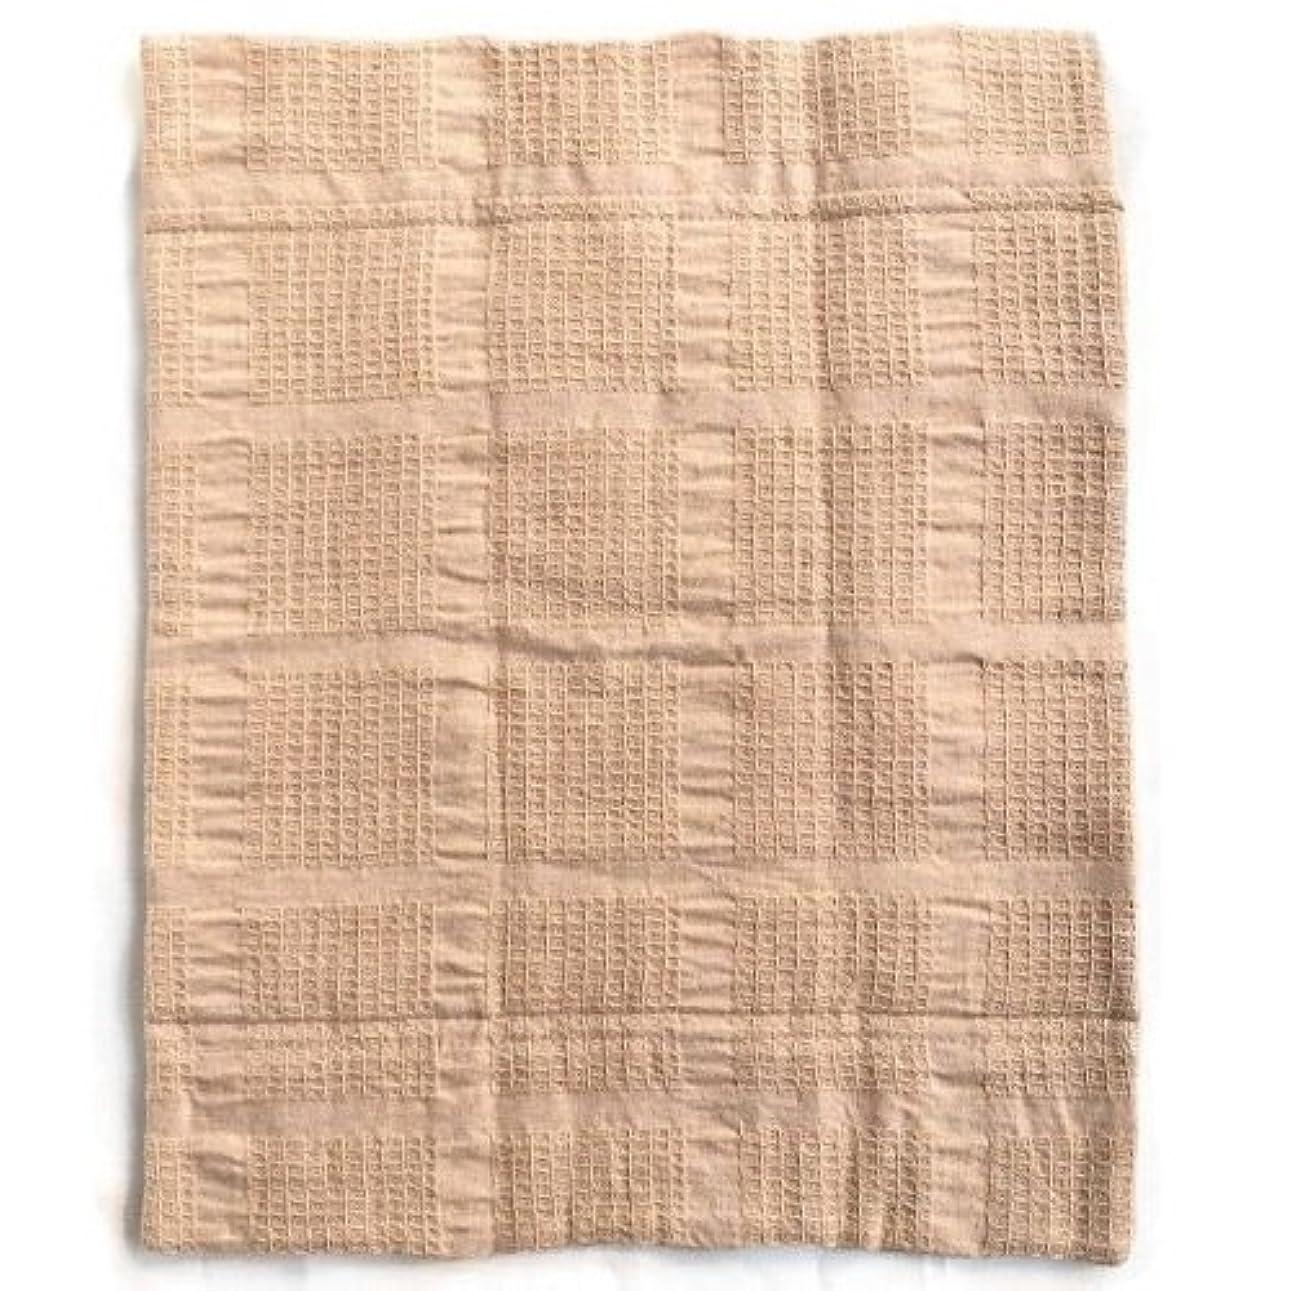 一般的に学校ブルーベル華布のオーガニックコットンの布ナプキン LLサイズ(約28cm×約35cm) 1枚入り